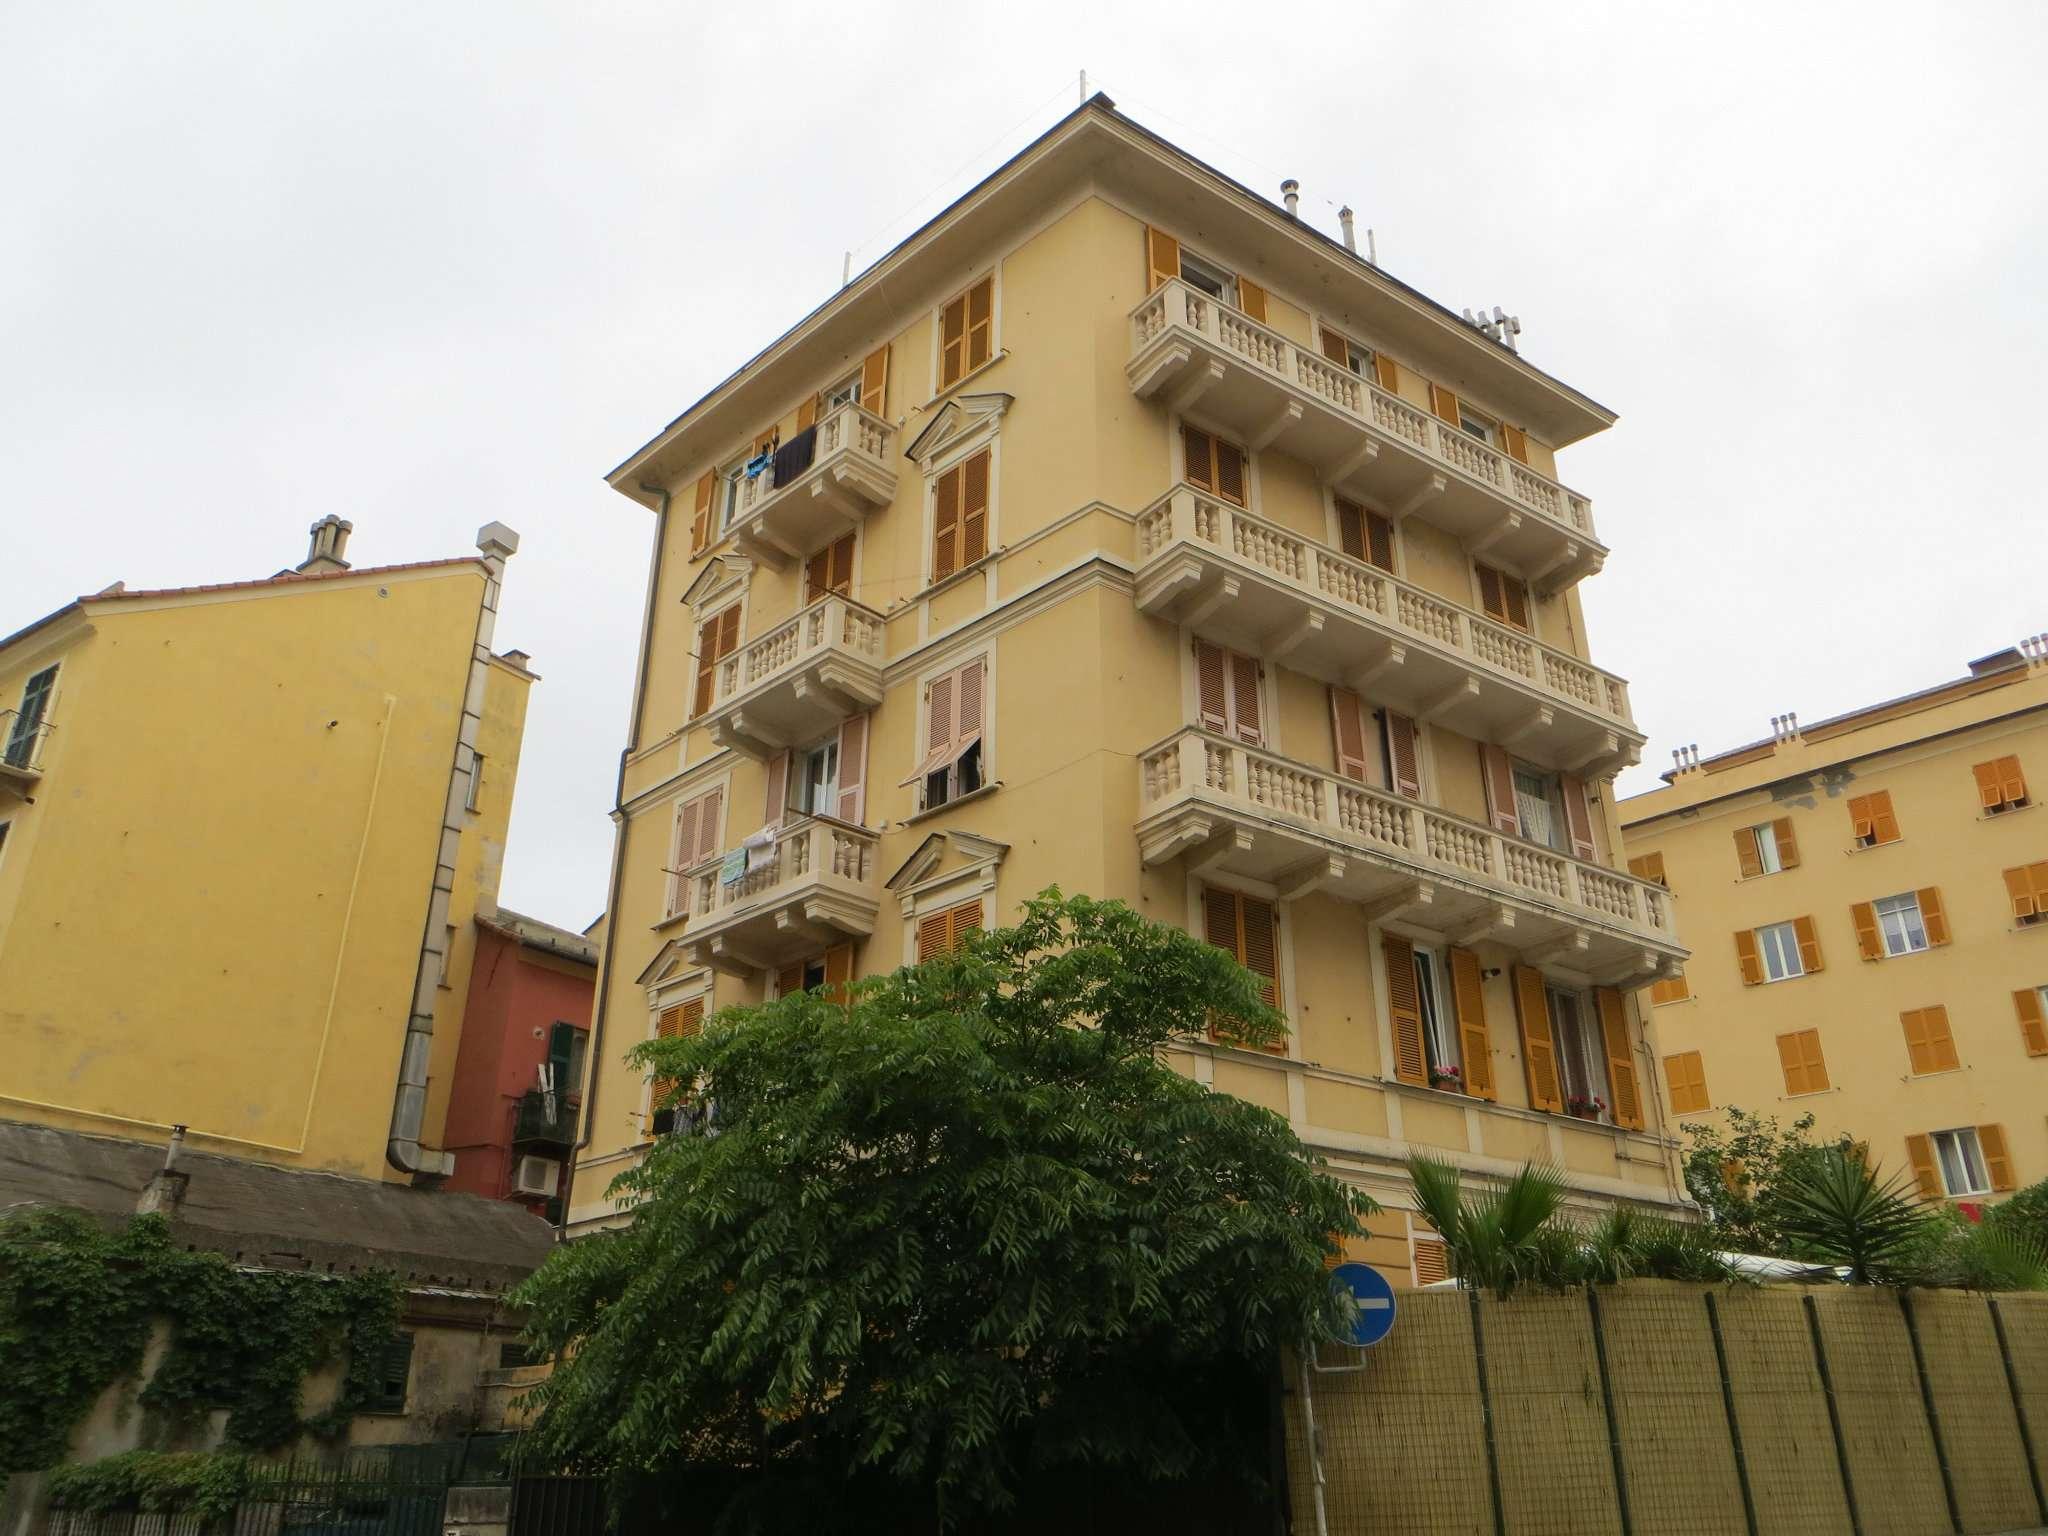 Appartamento quadrilocale in affitto a Genova (GE)